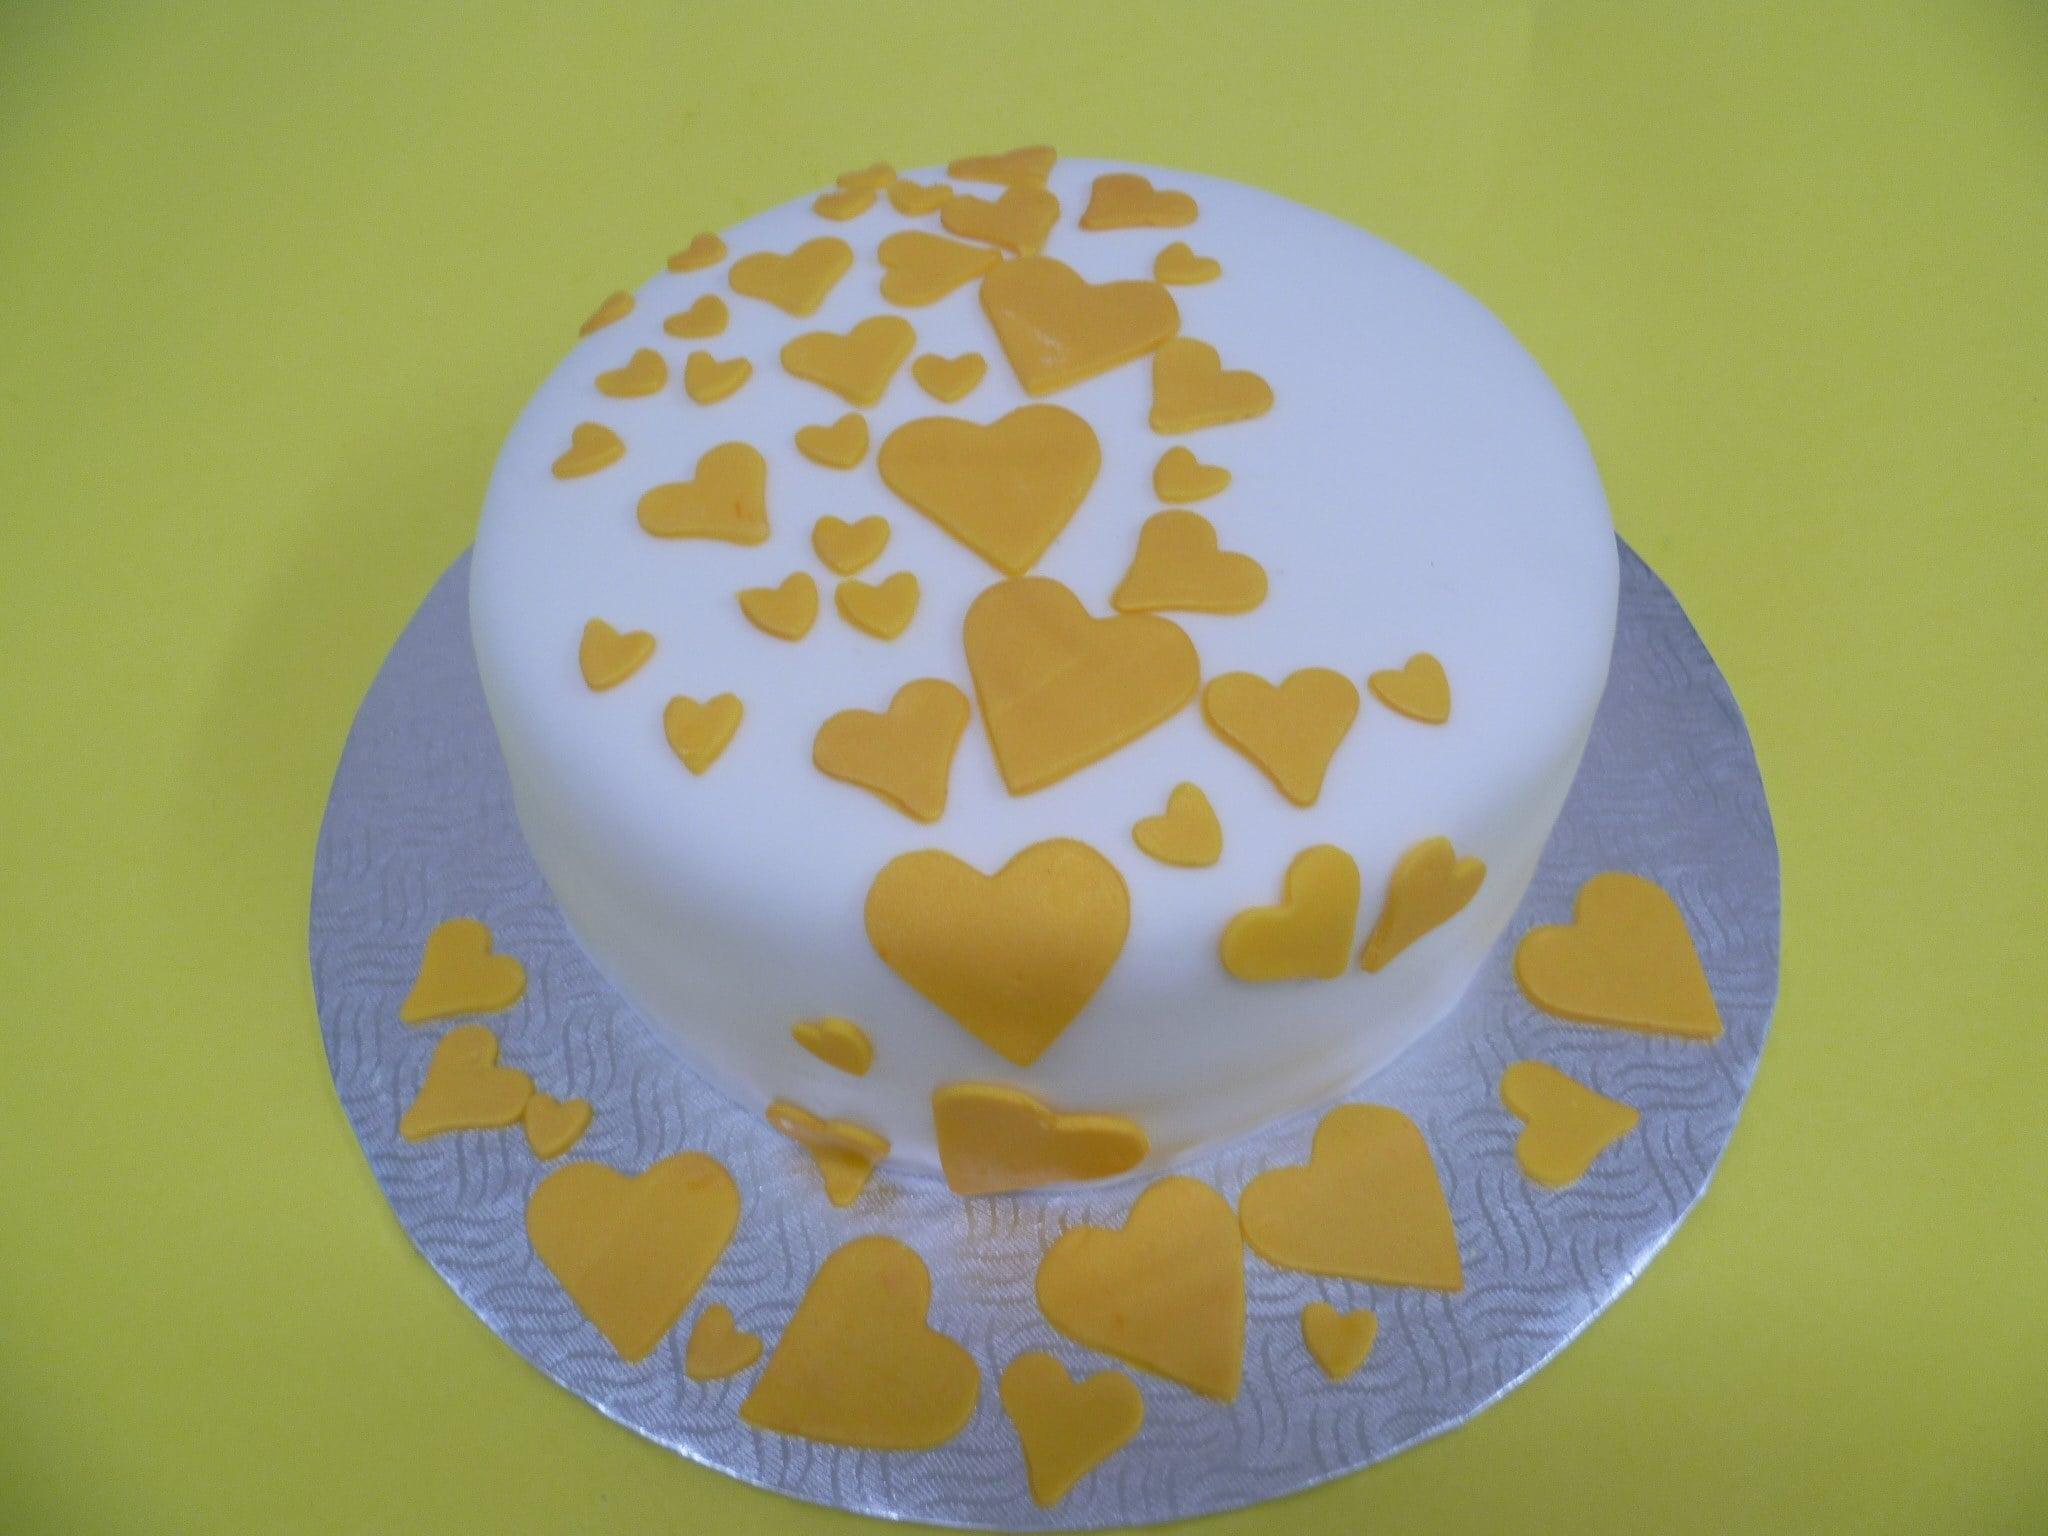 Gâteaux d'anniversaire de mariage LaSalle Pâtisserie Gordana — Pâtisserie Gordana